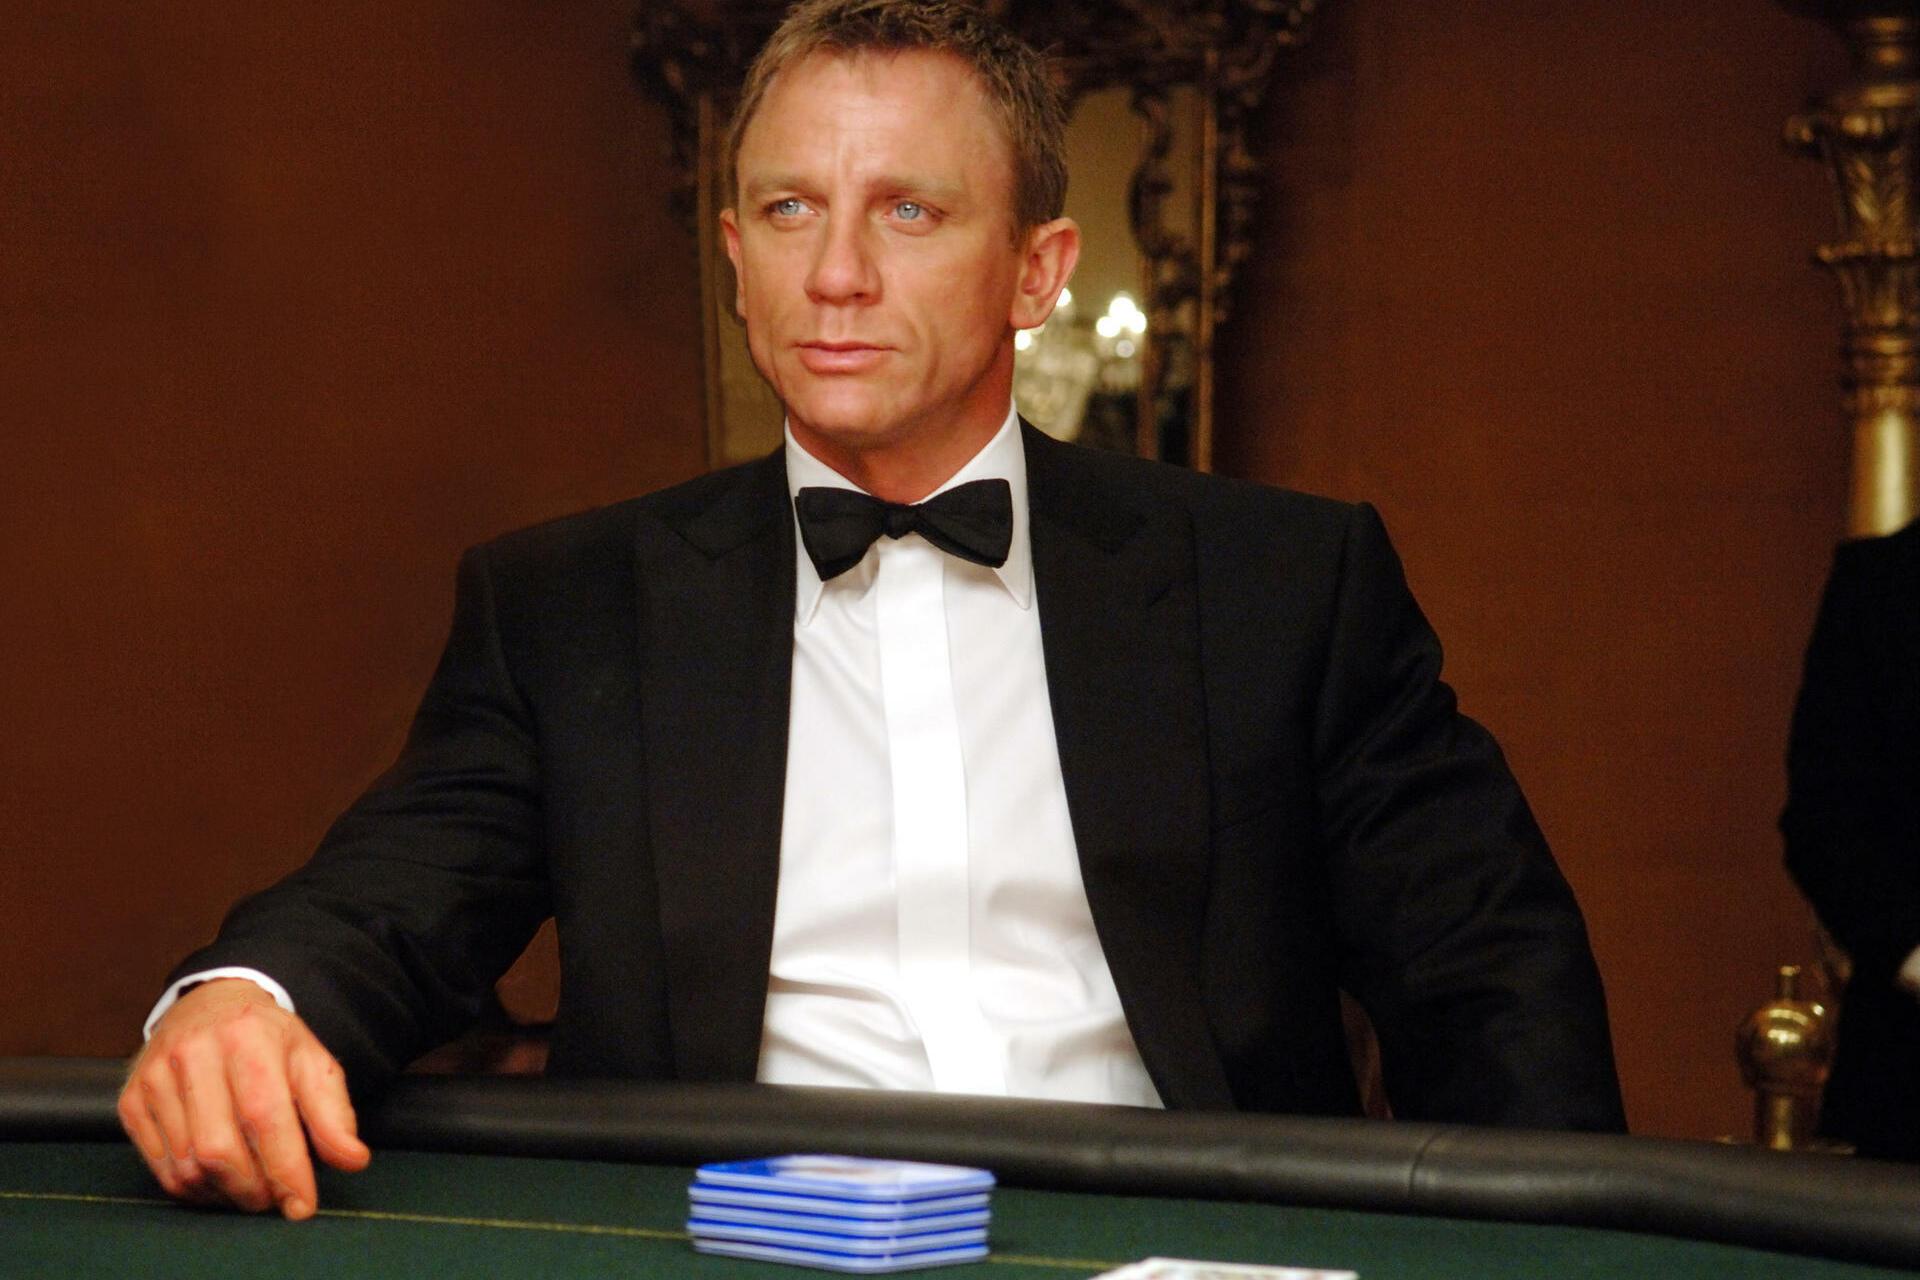 James Bond inspirierte Looks für Hochzeitsgäste | Herren Formelle ...